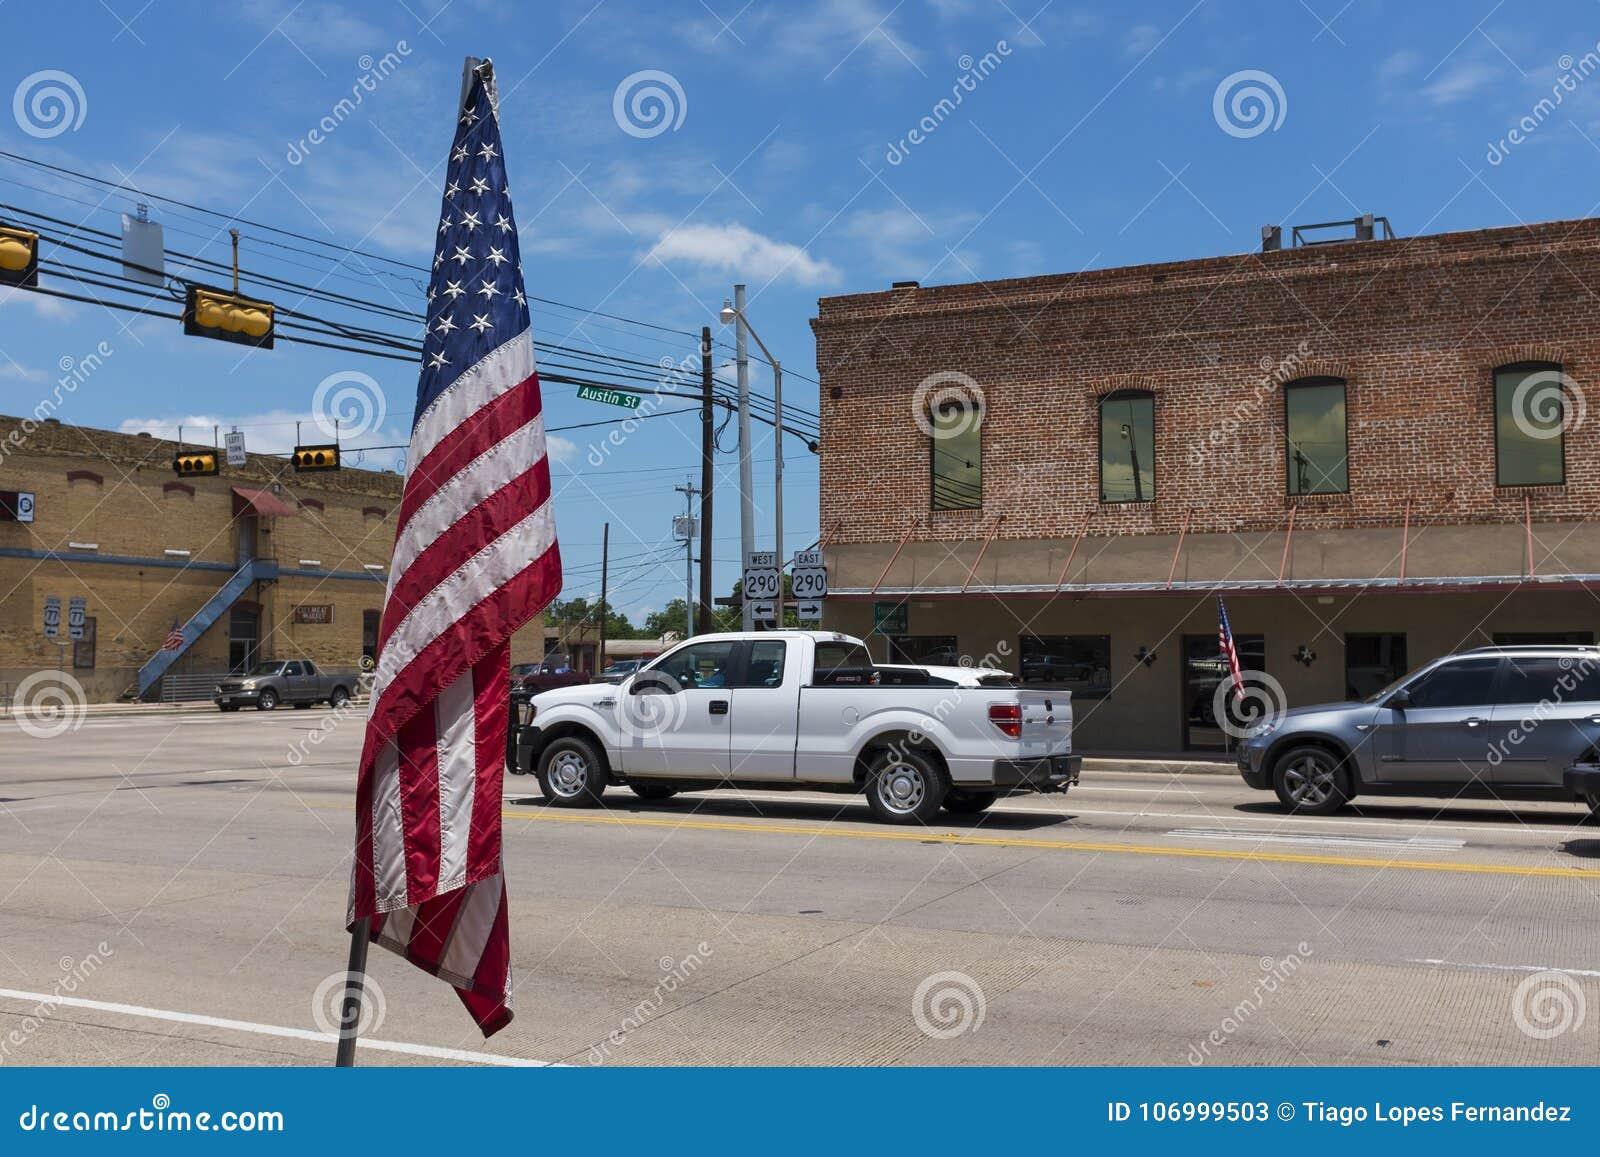 Uliczna scena w mieście Giddings w skrzyżowaniu U S Autostrady 77, 290 w Teksas i